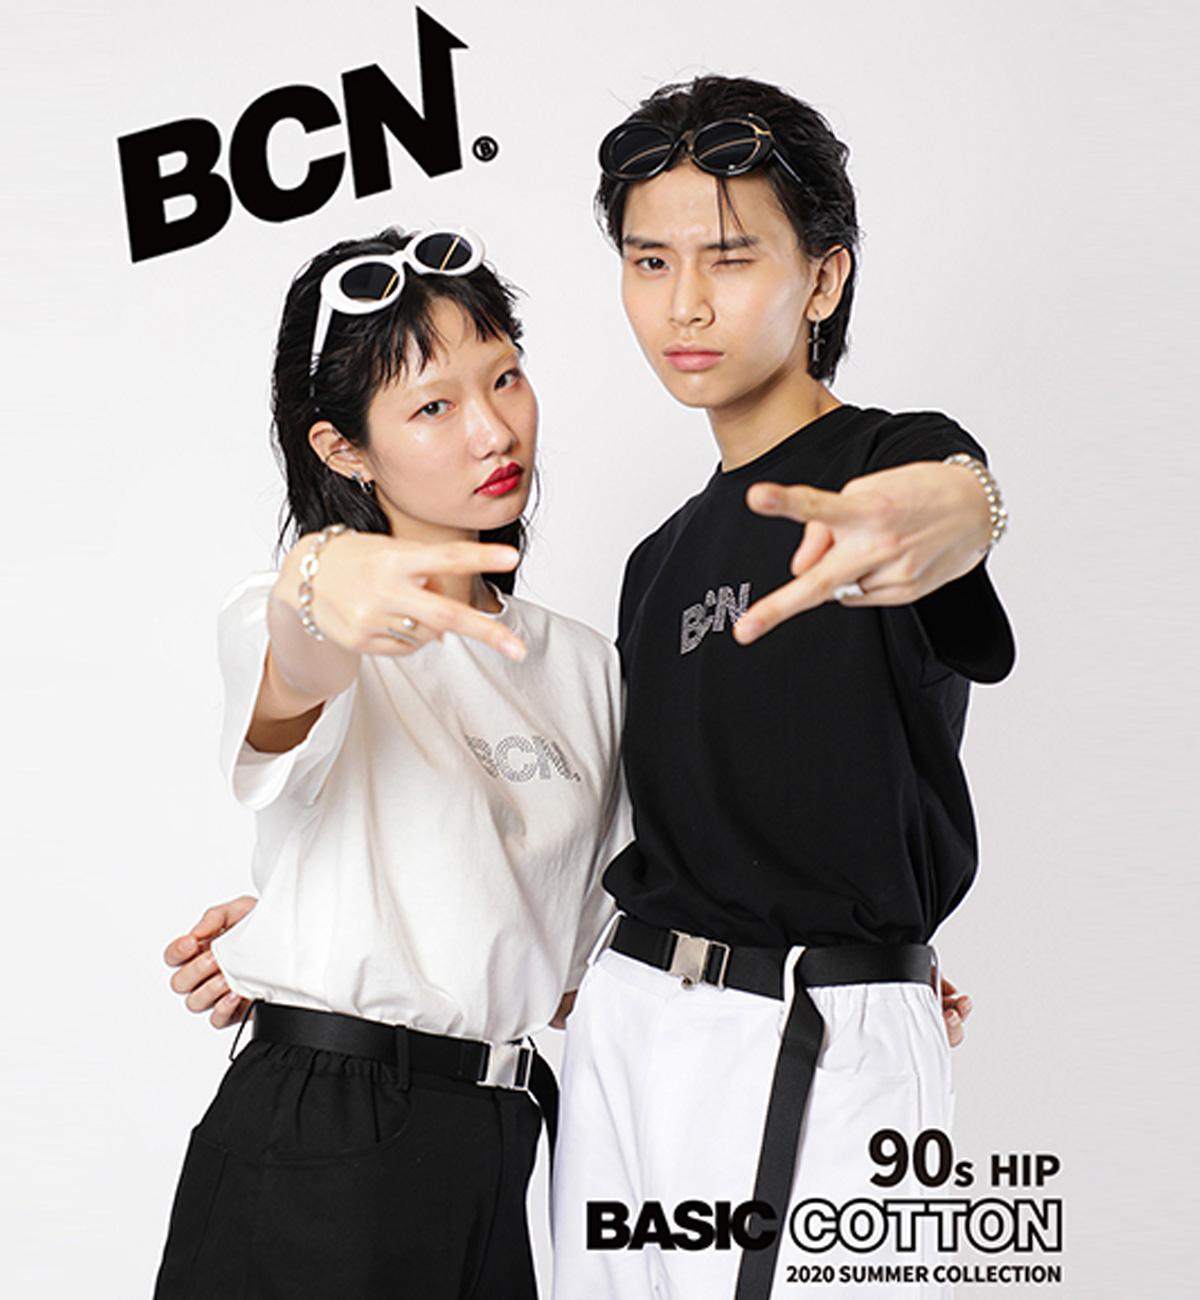 BASIC COTTON ベーシックでユニセックスなコットンベースのデザインを軸に、2013年にスタートした韓国のUNISEX CASUAL WEARブランド シーズンごとにビビッドでアイコニックなカラーとプリントを独自のポップな世界観に落とし込んだアイテムを展開する トレンディなアイテムは本国のみでなく、世界中にファンを増やし続けている